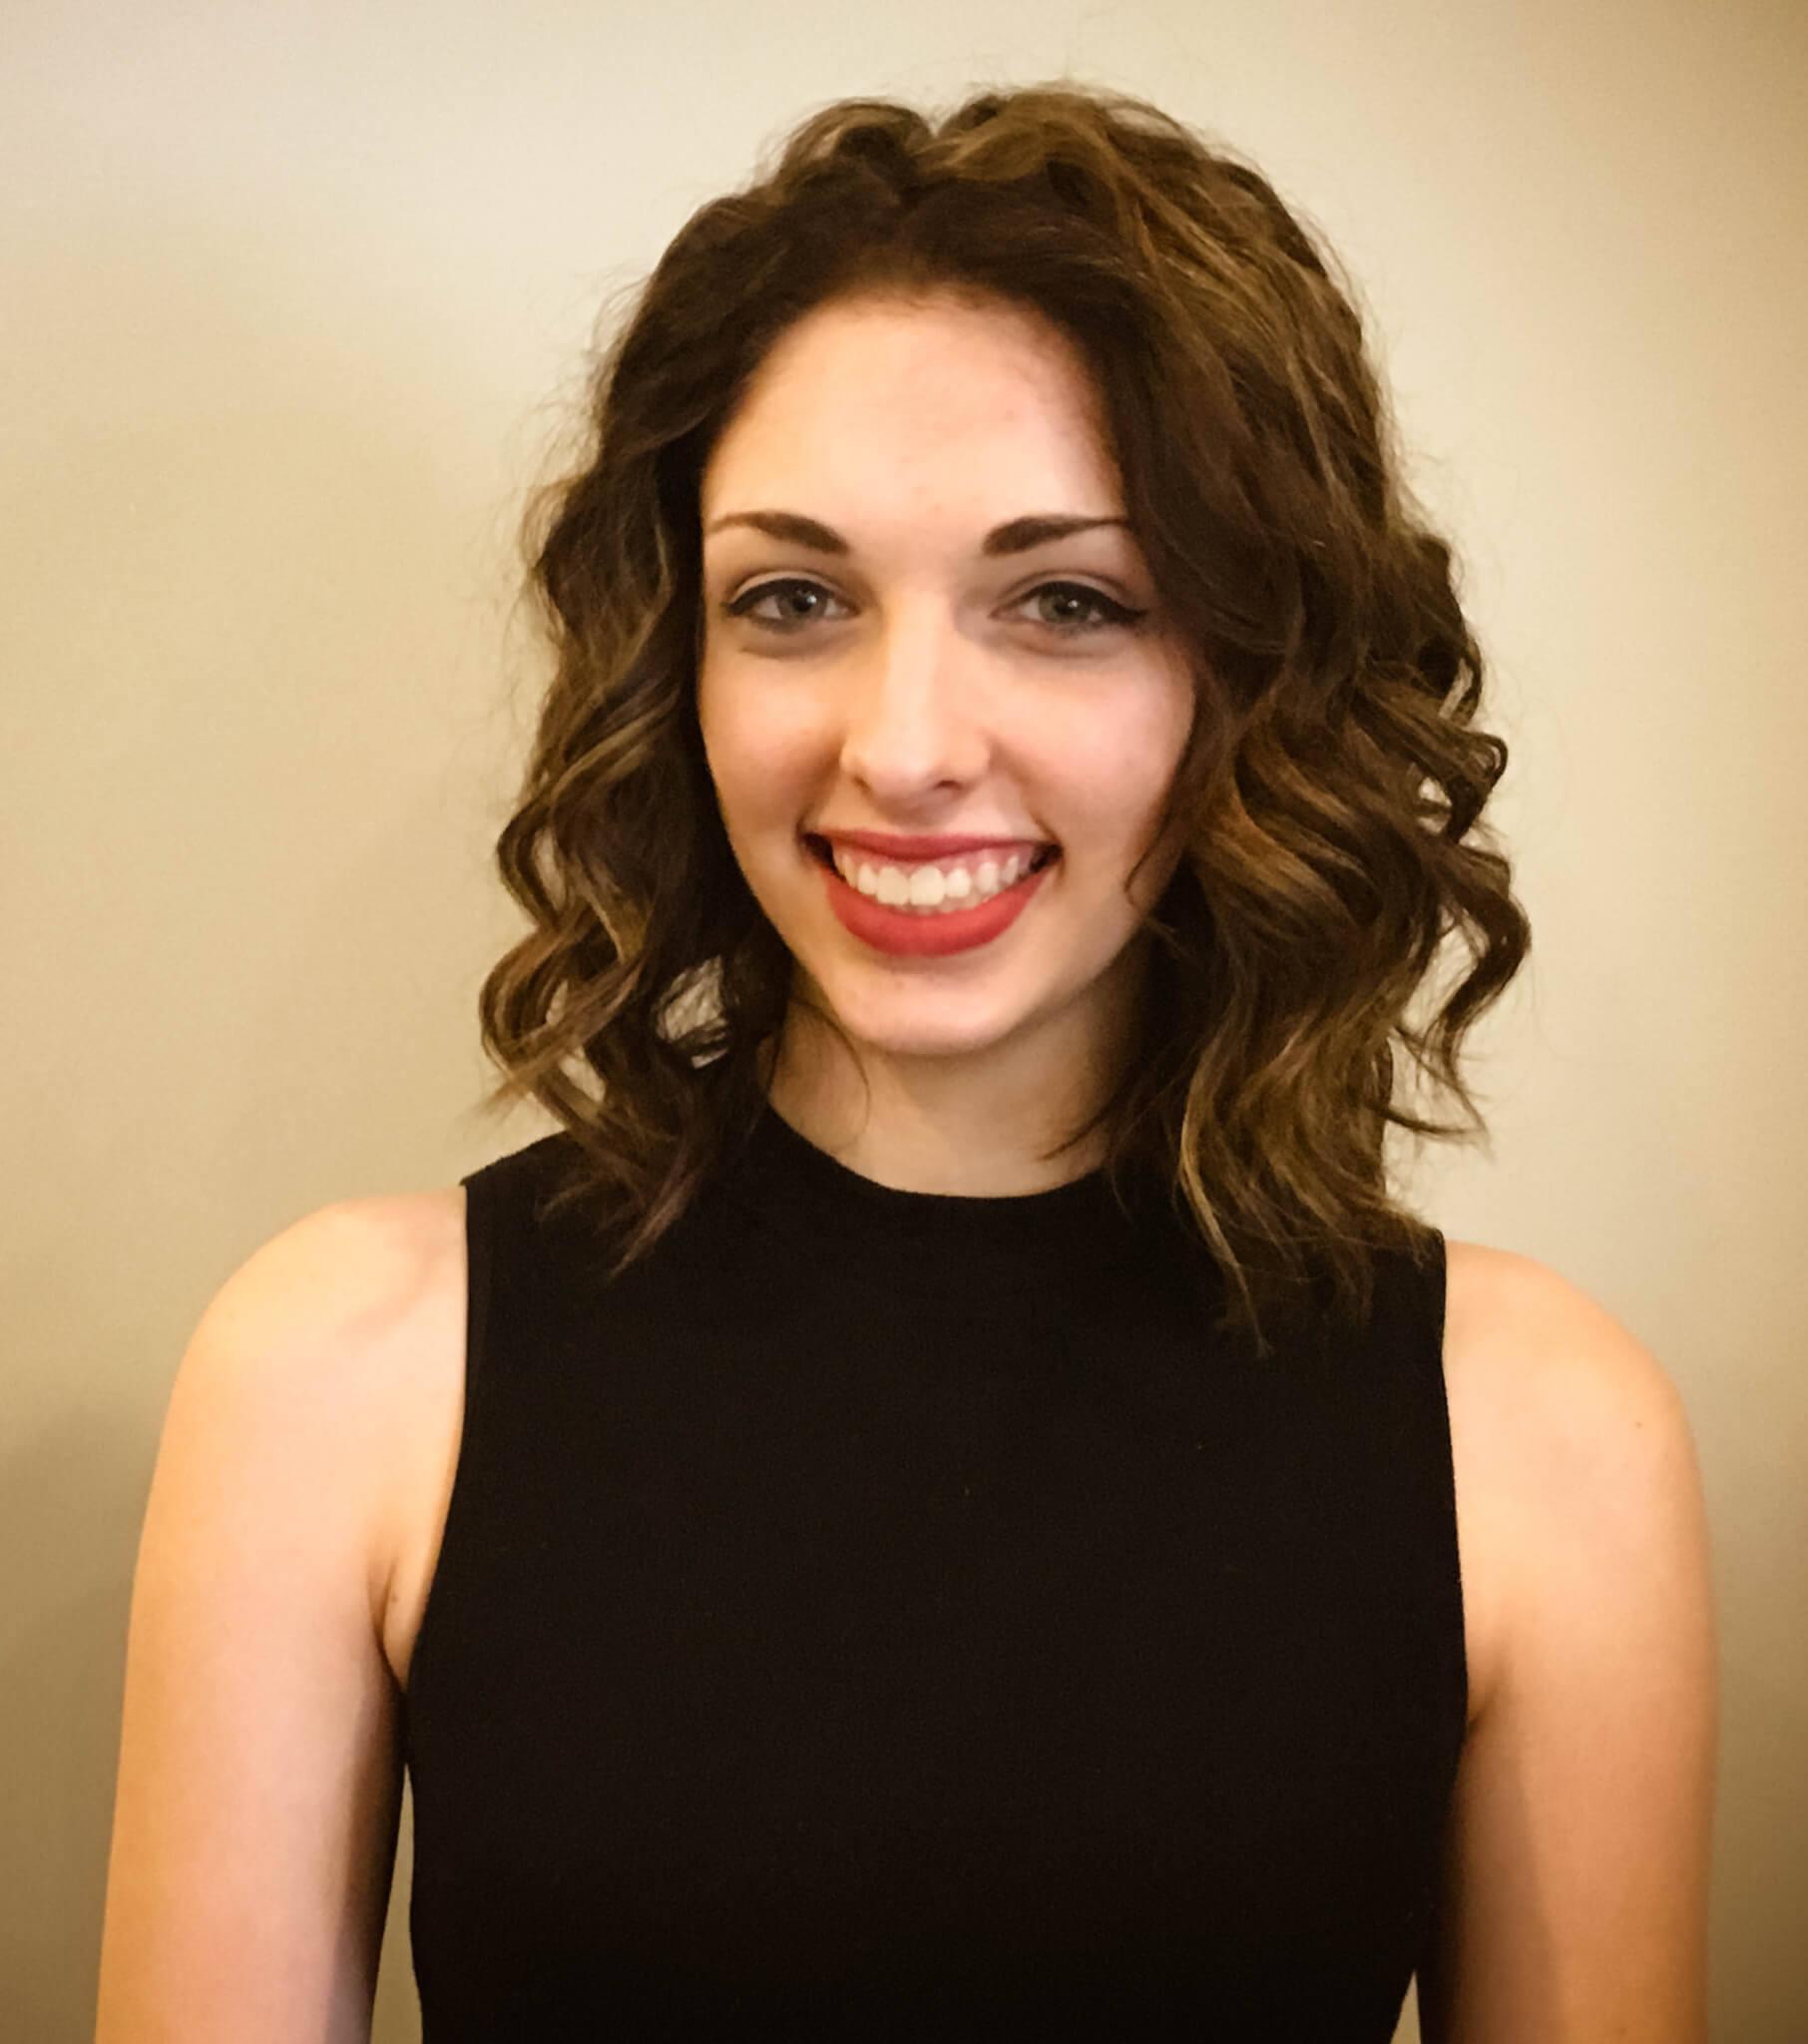 Katy Dimmerling stylist